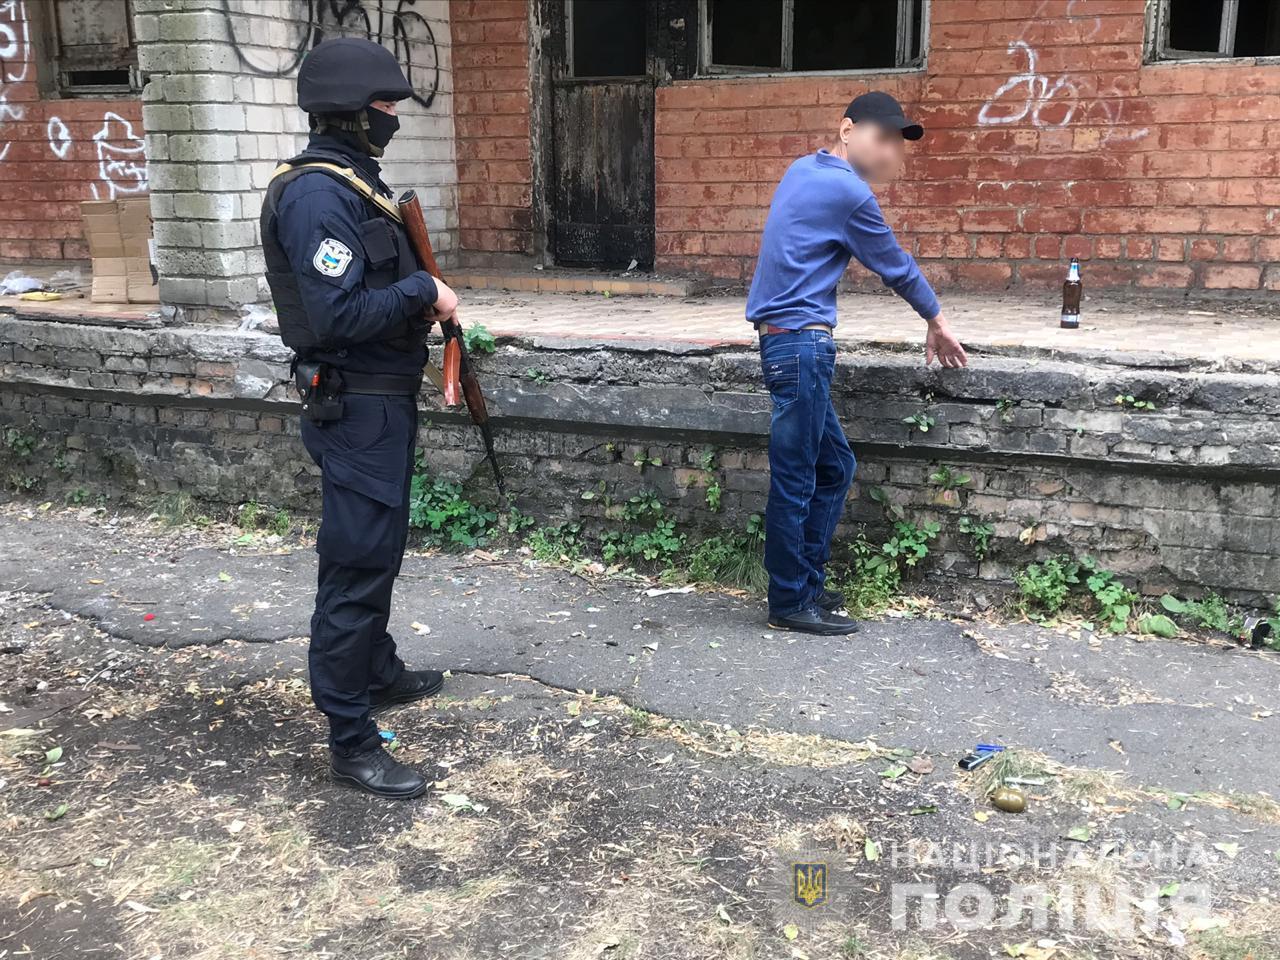 Выпивал пиво с гранатой в кармане: подробности погони полиции за мужчиной. Новости Днепра